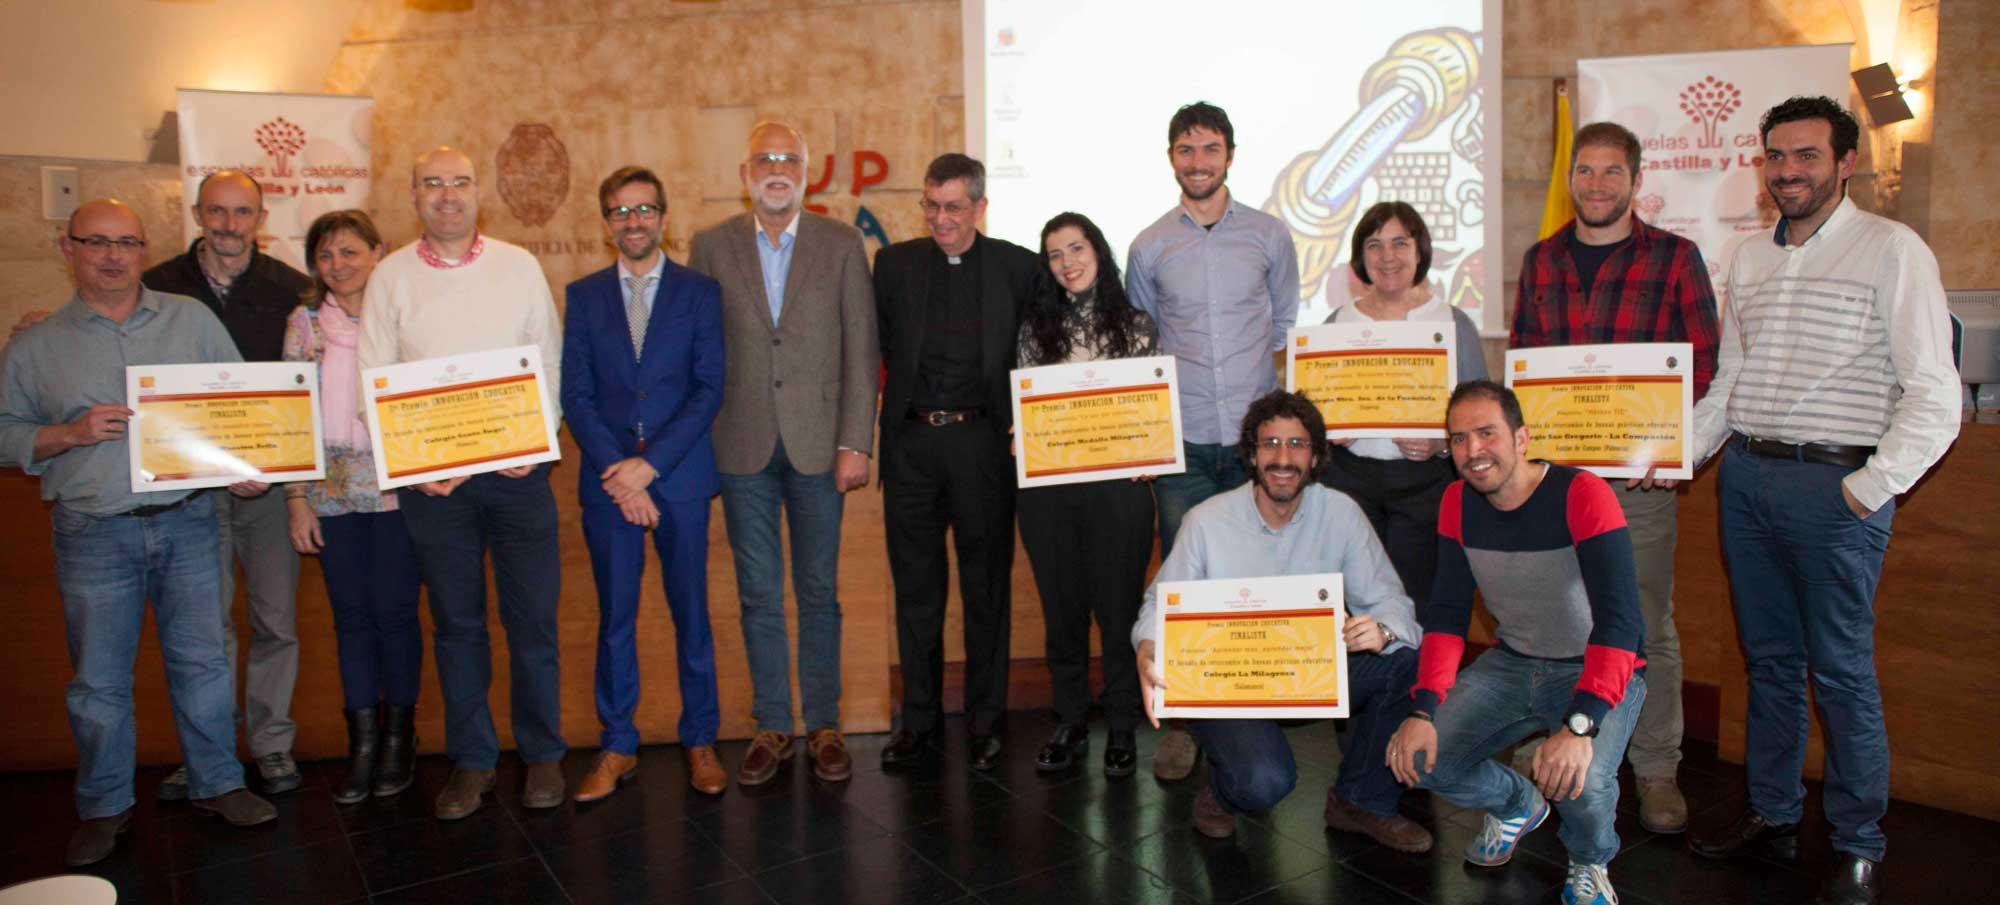 Ganadores y finalistas del V Premio de Buenas Prácticas Docentes de Innovación Educativa de Escuelas Católicas Castilla y León